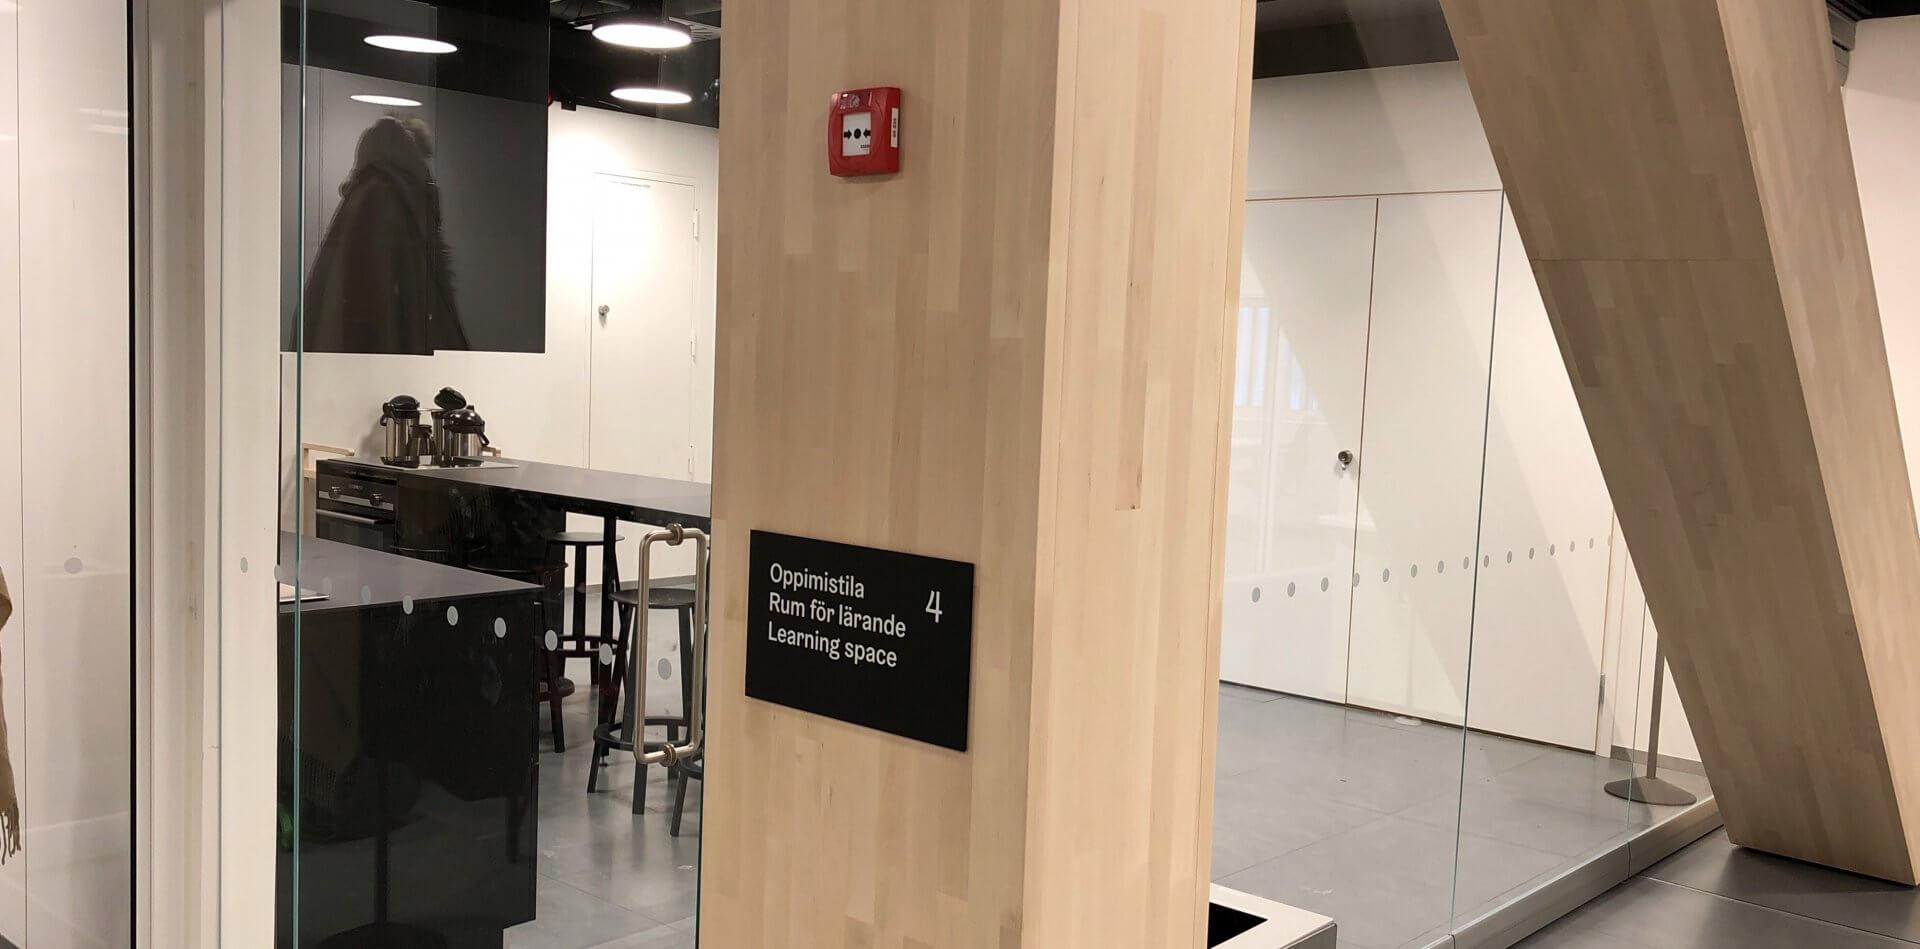 中央市図書館2階にあったクッキングスタジオ